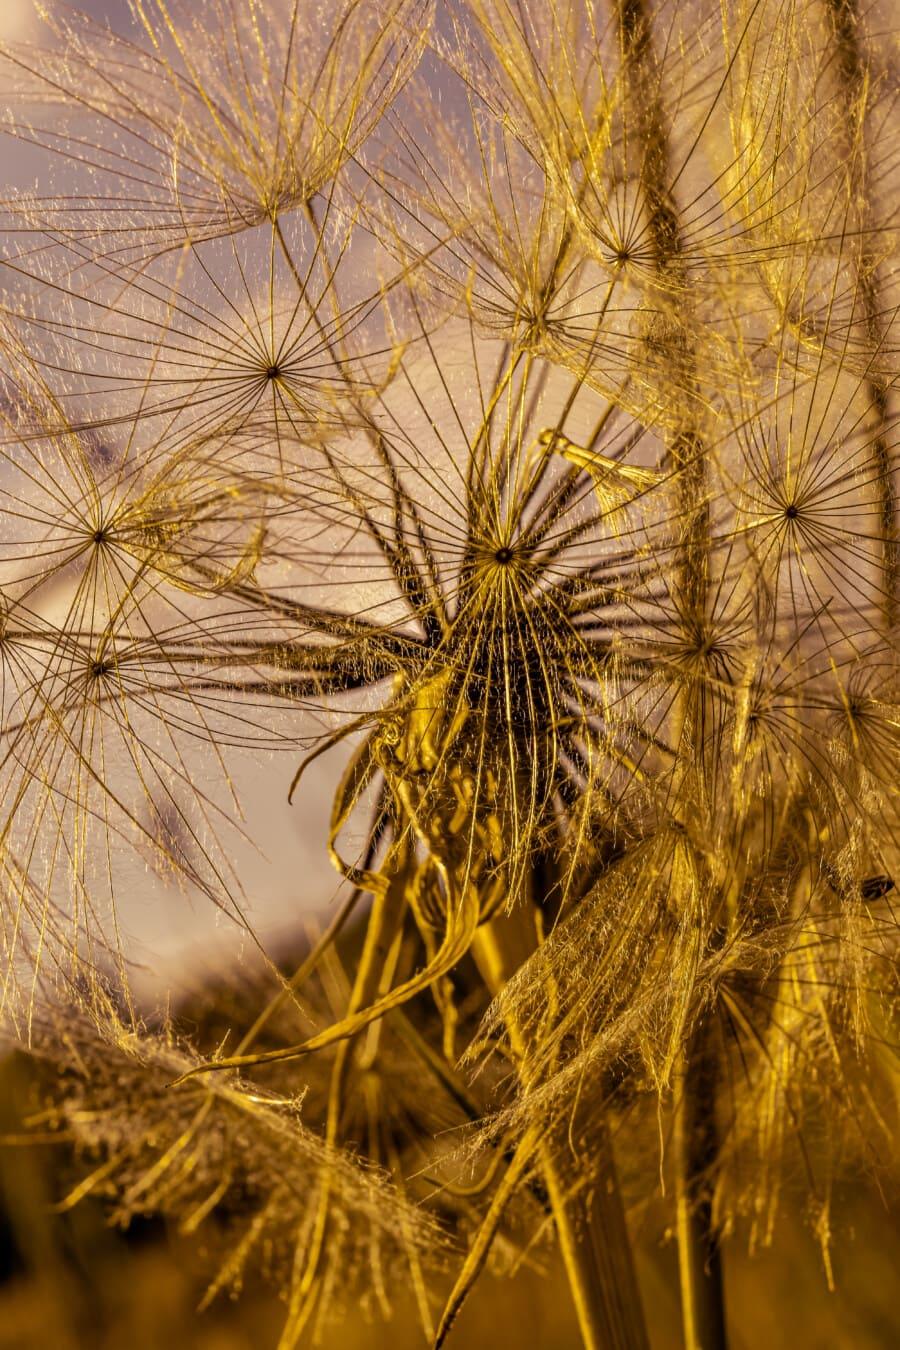 Löwenzahn, Makro, aus nächster Nähe, Samen, Sonnenuntergang, Sonnenlicht, majestätisch, Kraut, Anlage, Flora